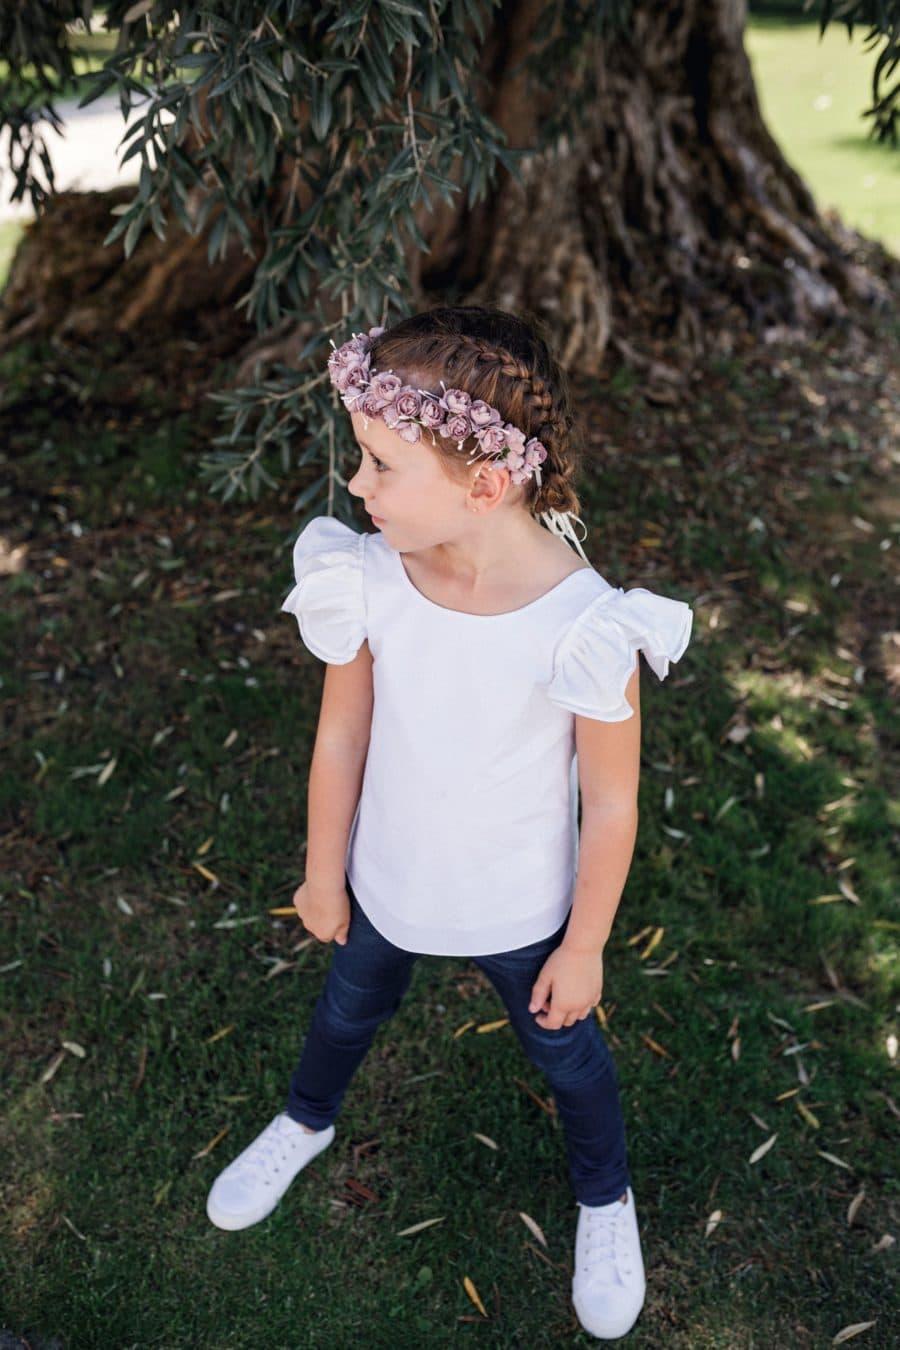 Petite fille avec haut blanc chic pour mariage et jean brut, avec une couronne de fleurs sur le tête